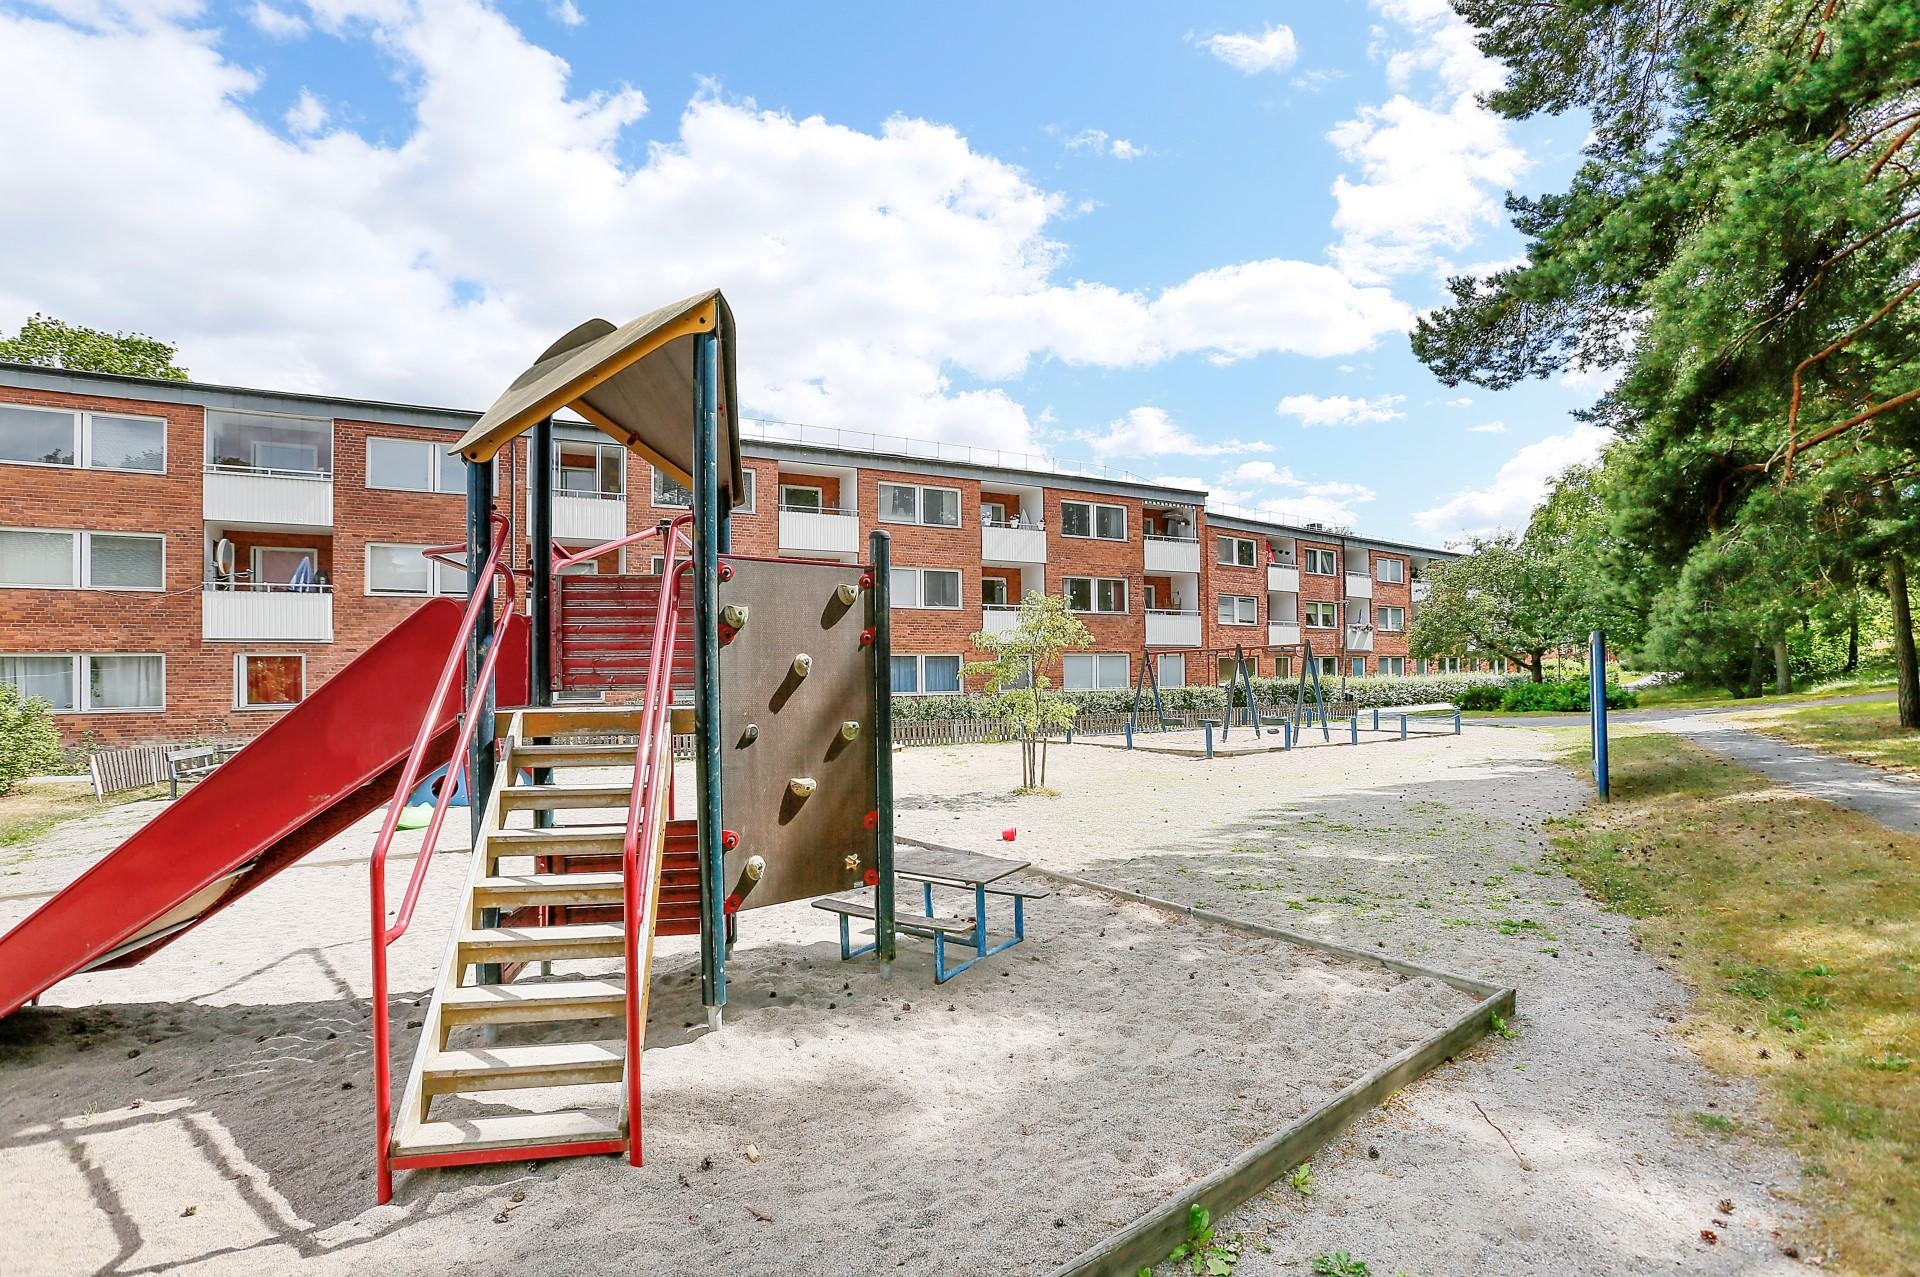 Jenny Nyströms gata 12 - Lekplats på innergården i anslutning till lägenheten